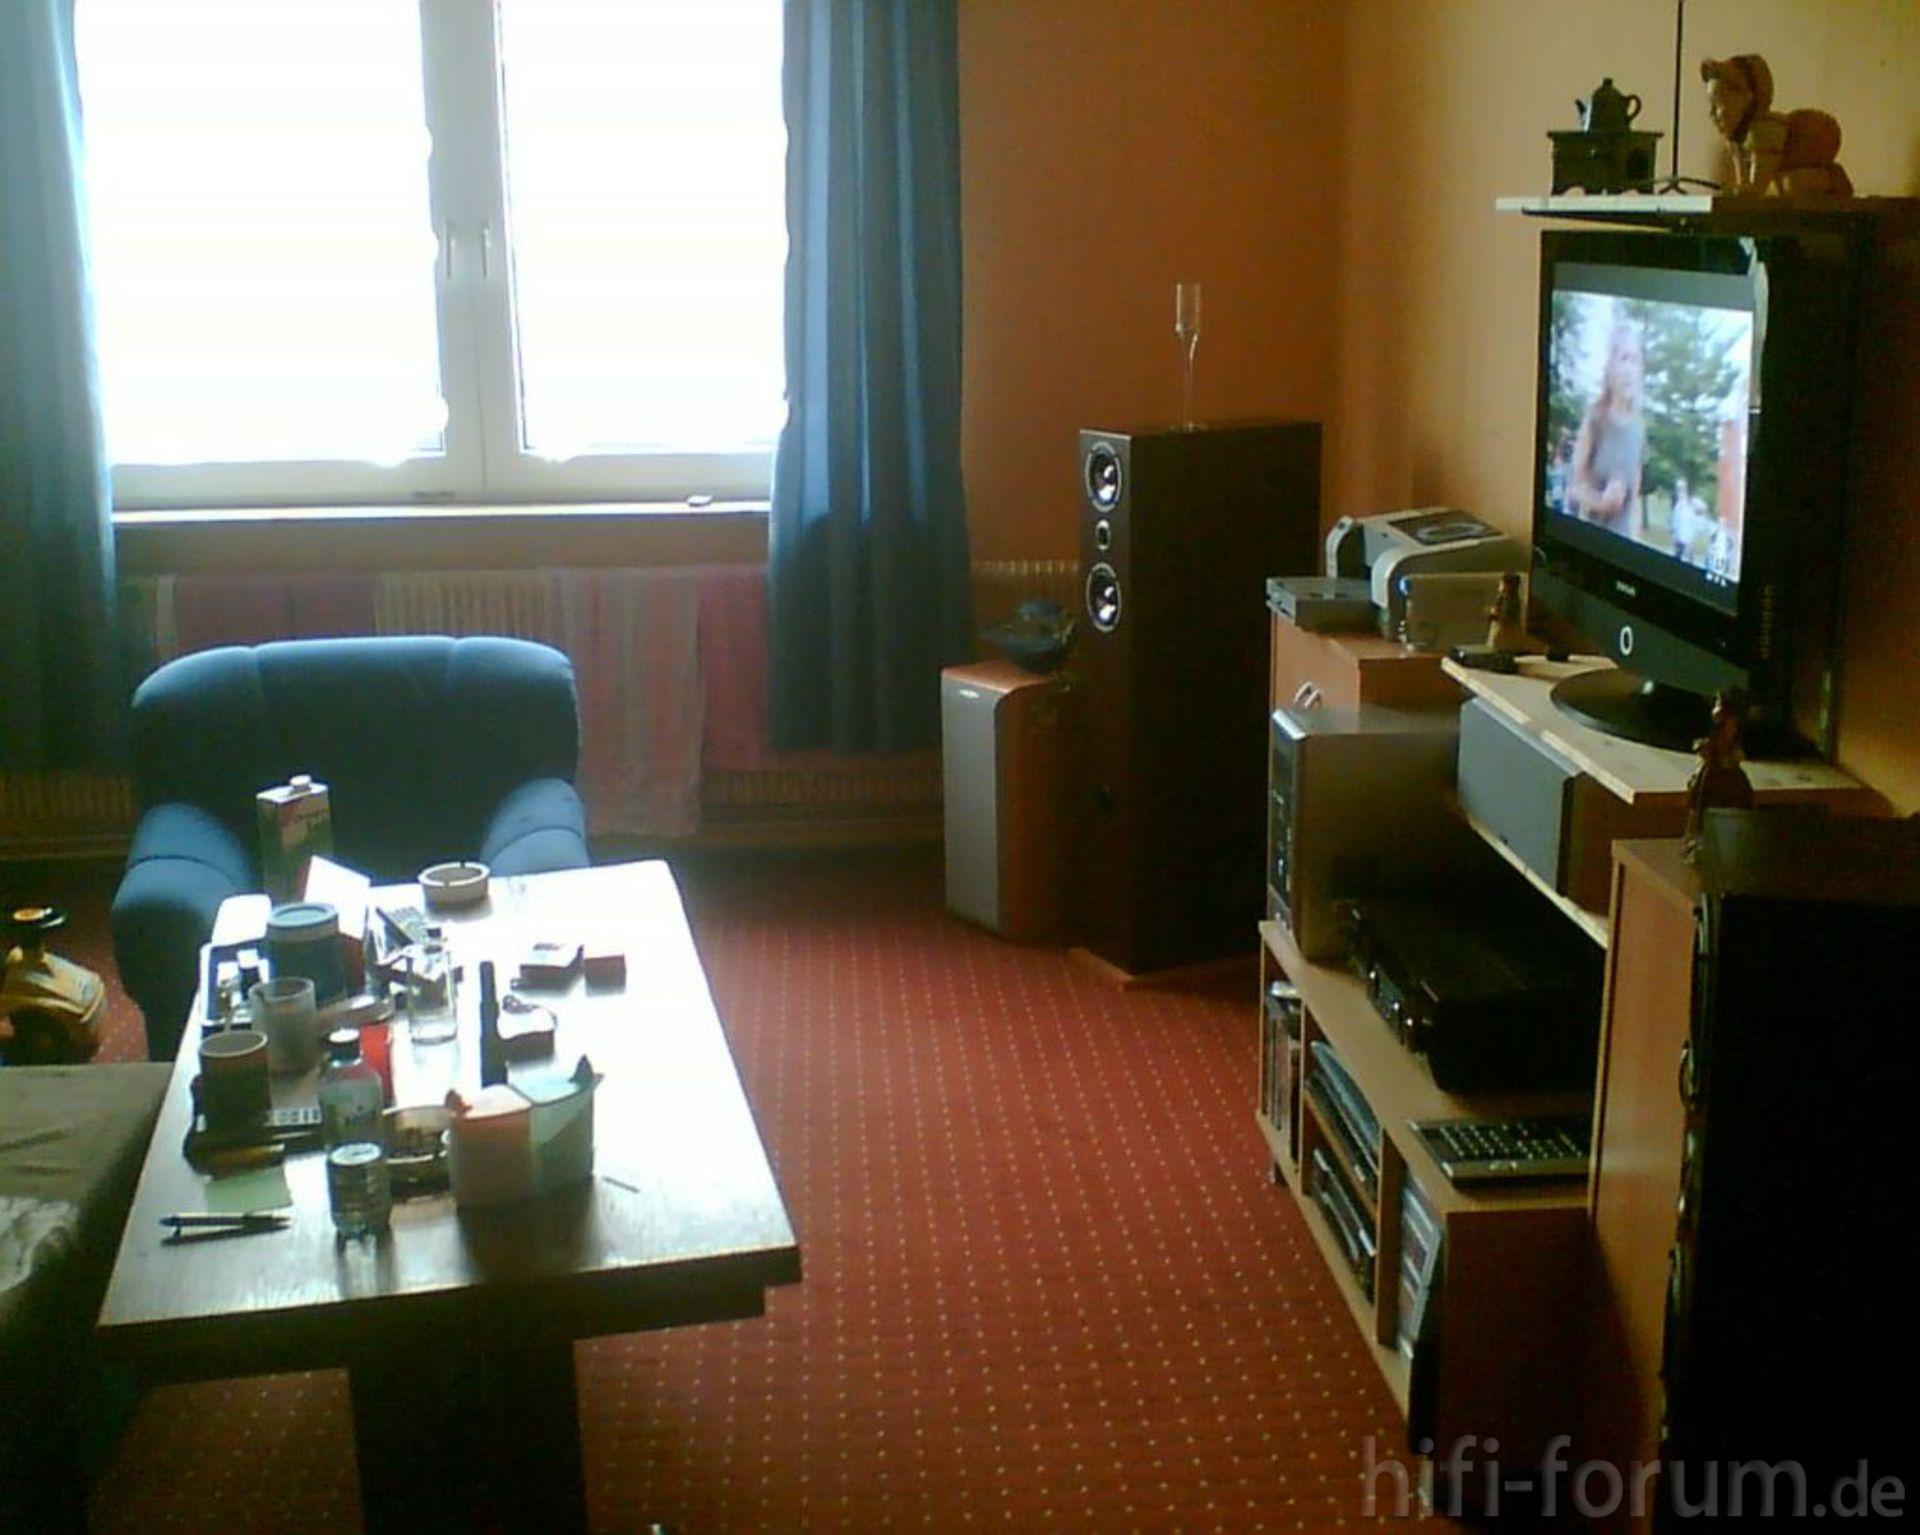 Mein wohnzimmer | heimkino, surround, wohnzimmer | hifi-forum.de ...